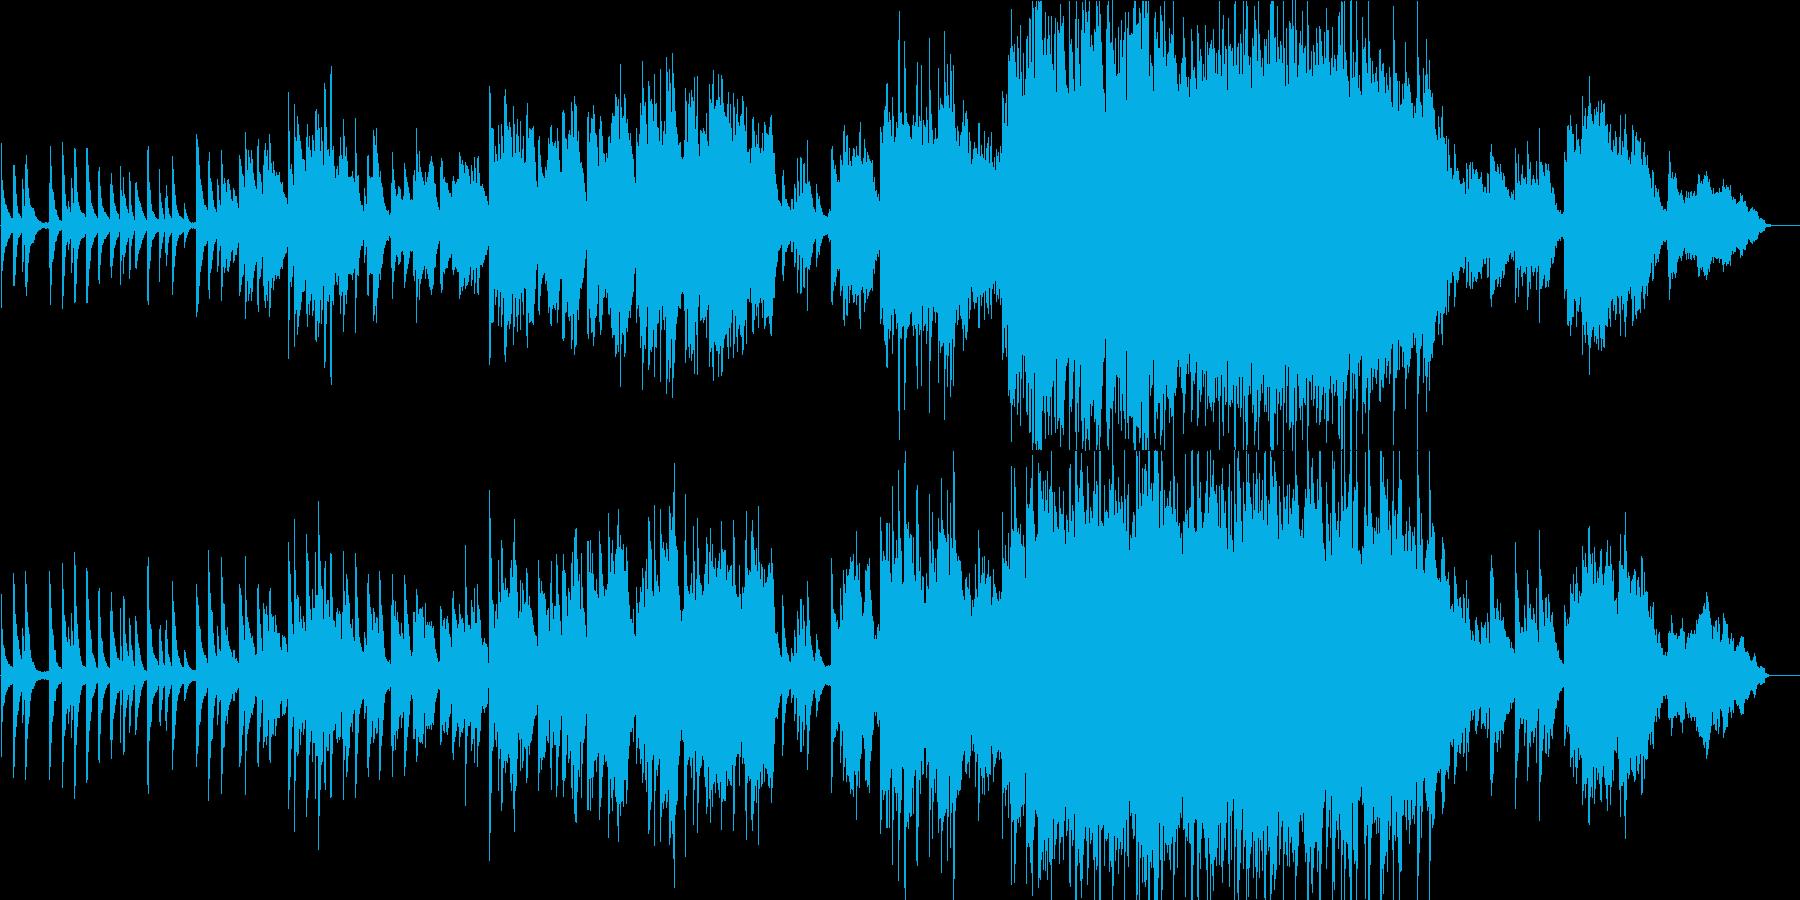 企業VP5 24bit44kHzVerの再生済みの波形